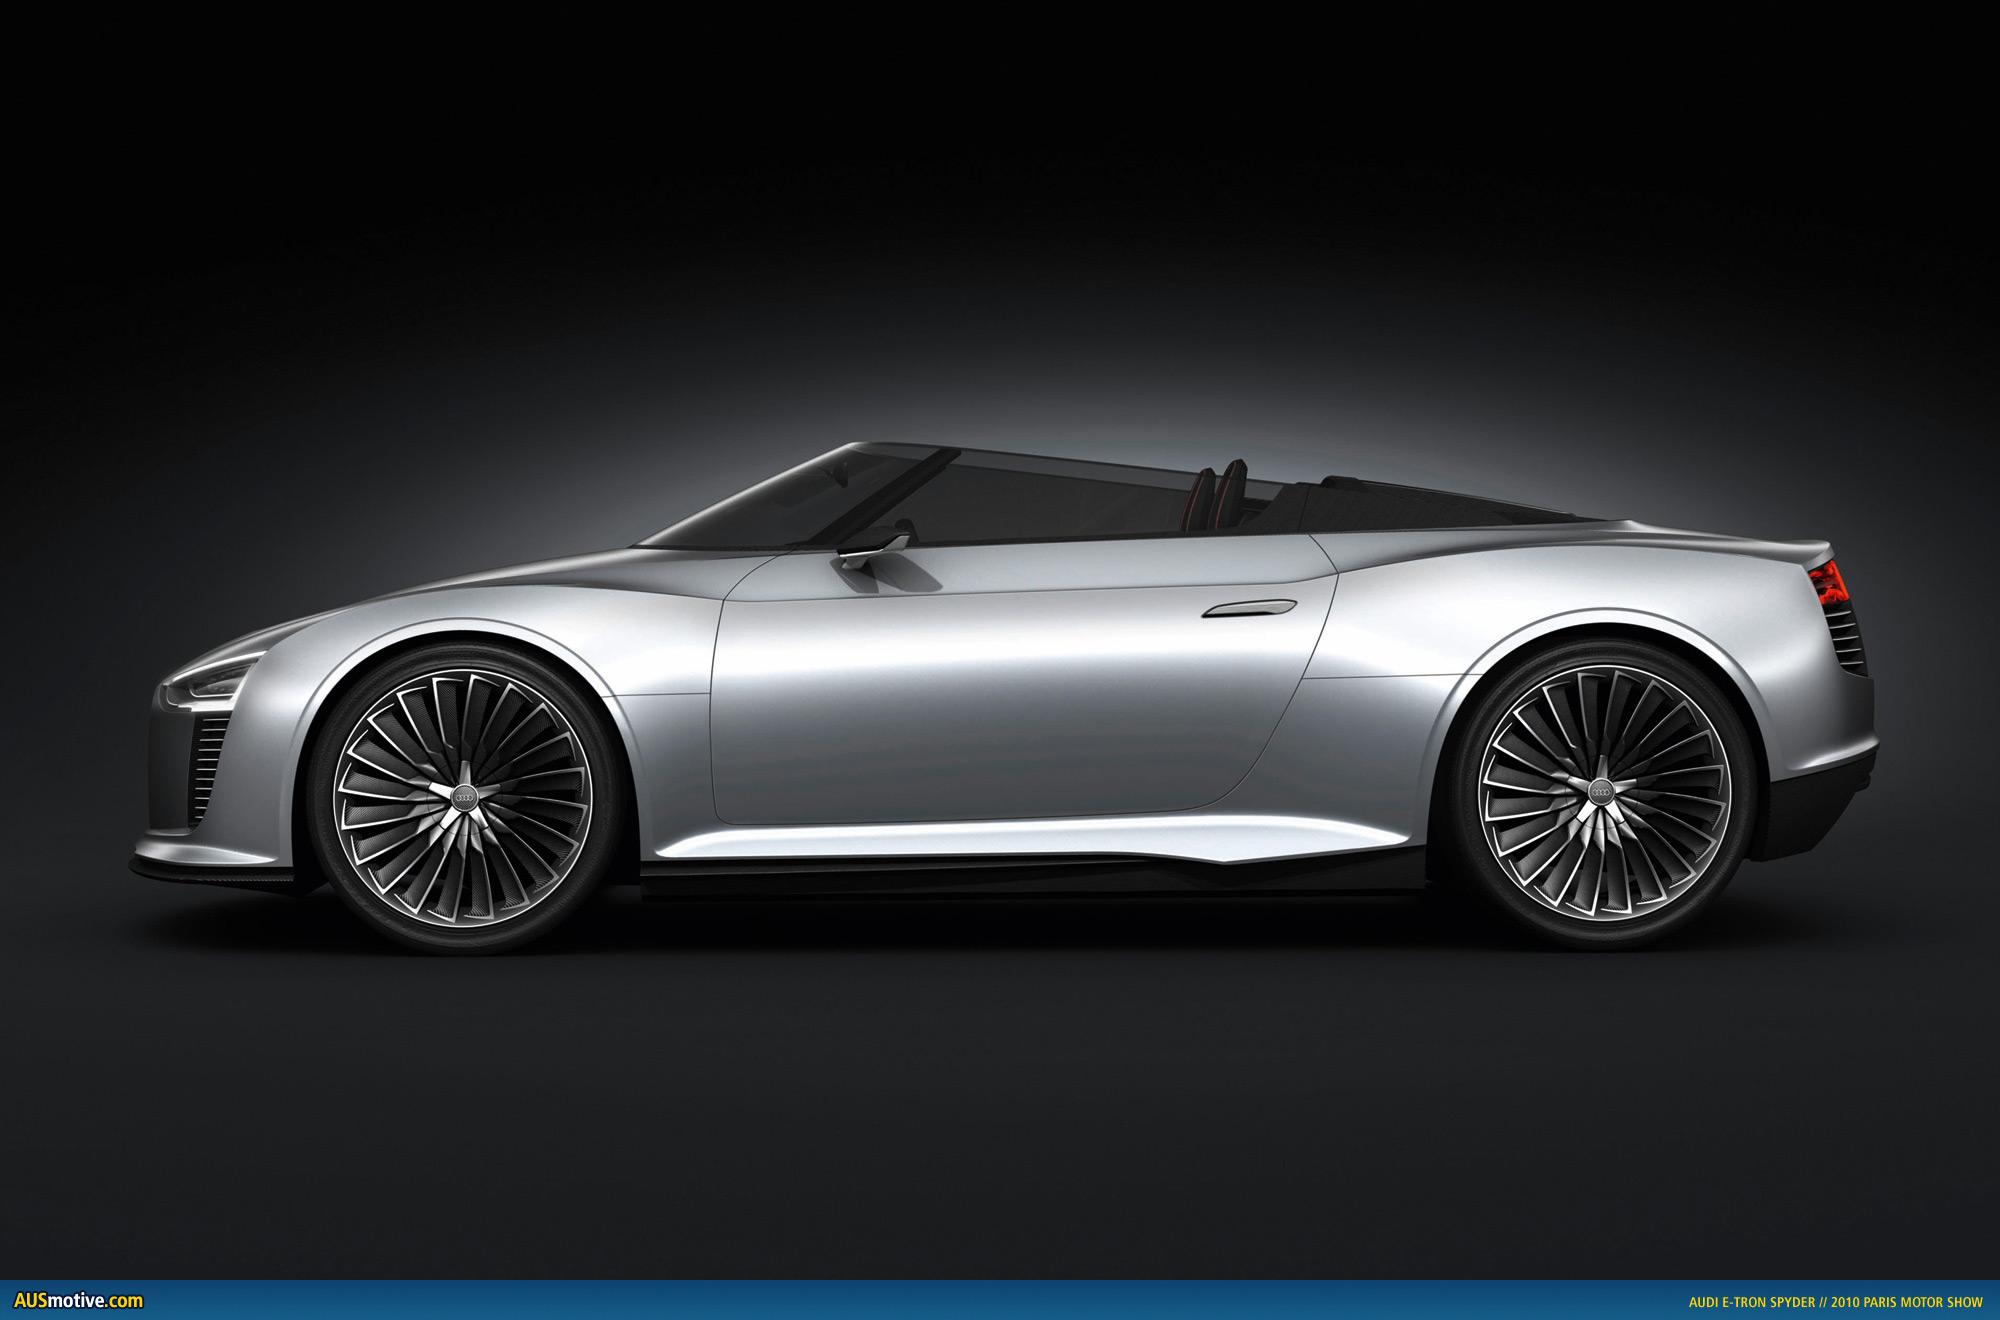 AUSmotive.com » Paris 2010: Audi e-tron Spyder